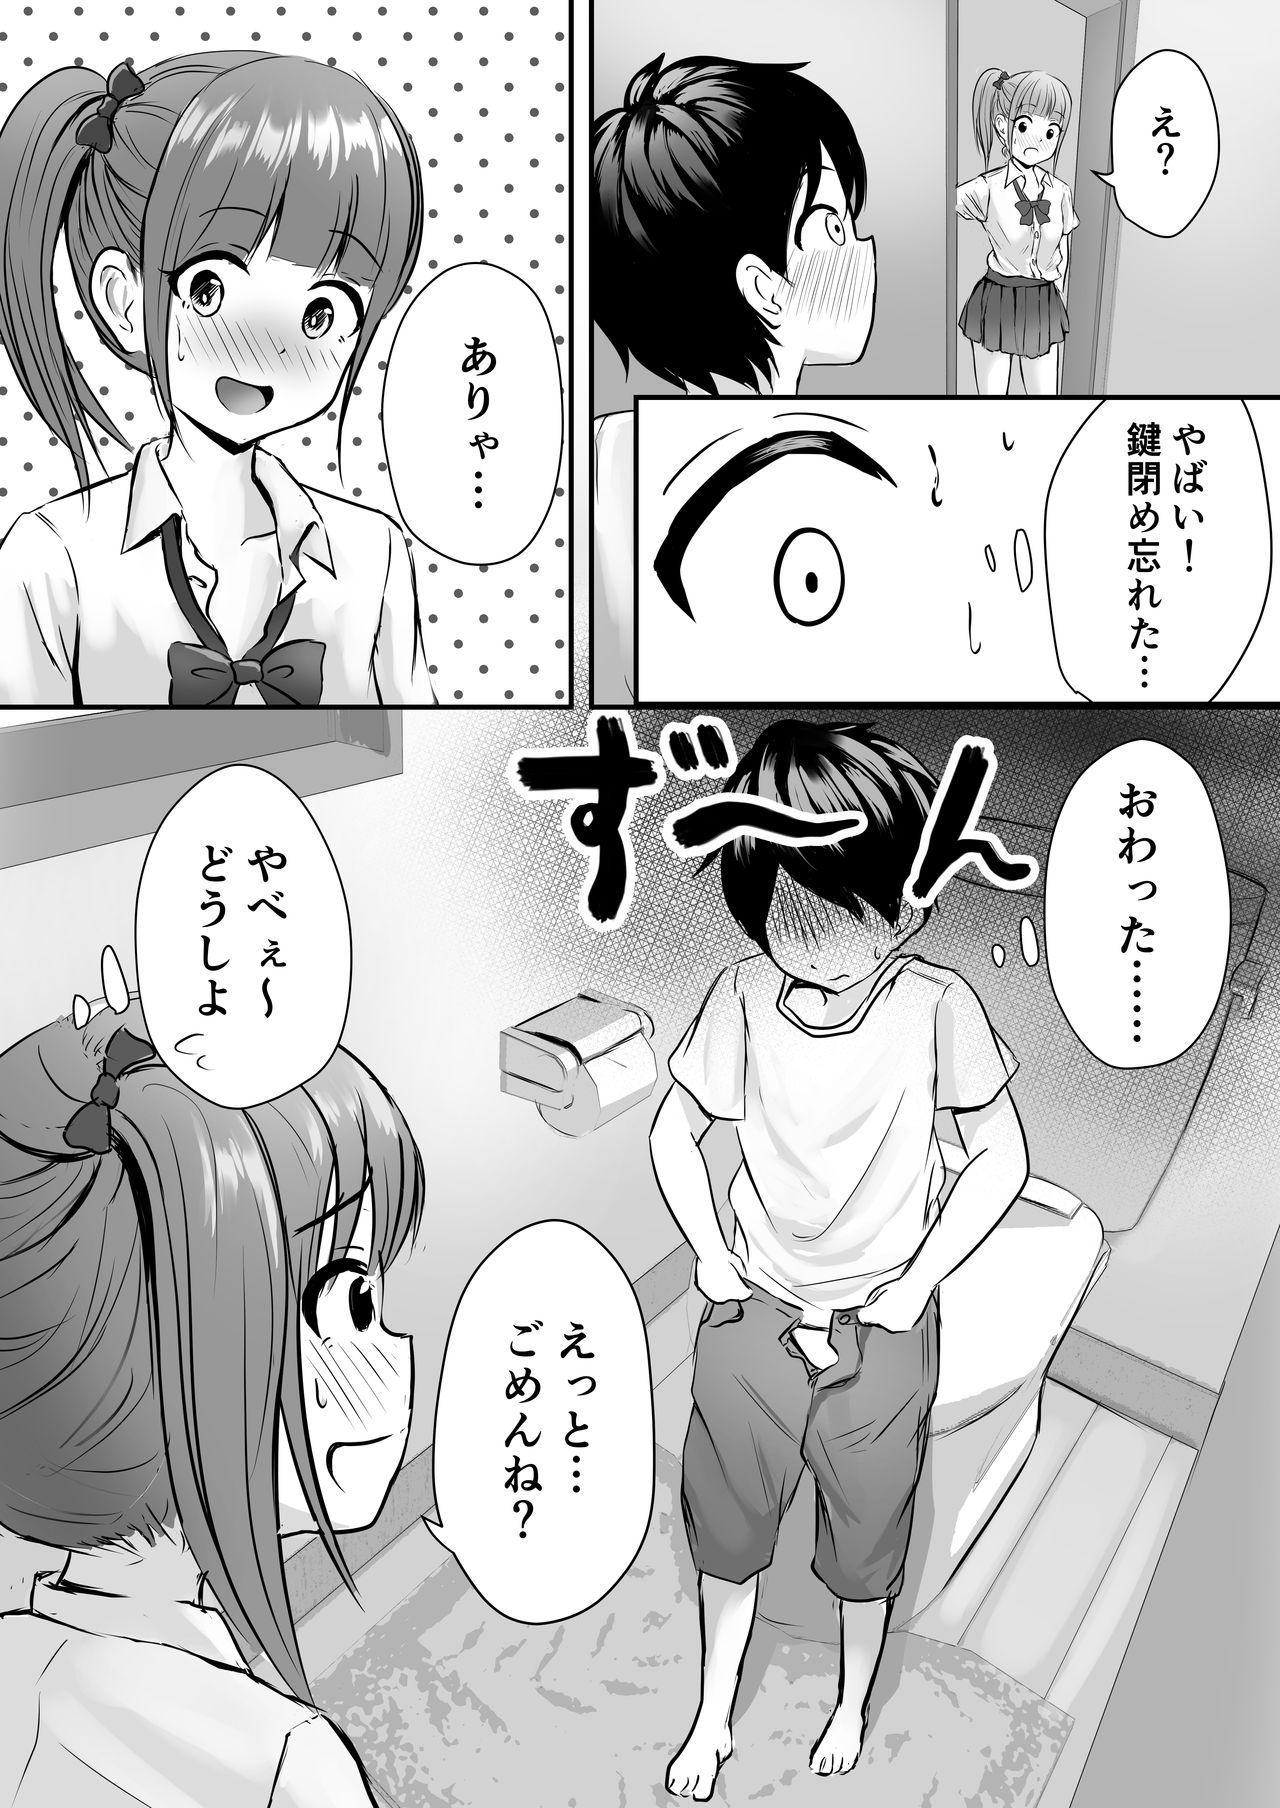 Ane no Shinyuu to Ikaseai 6